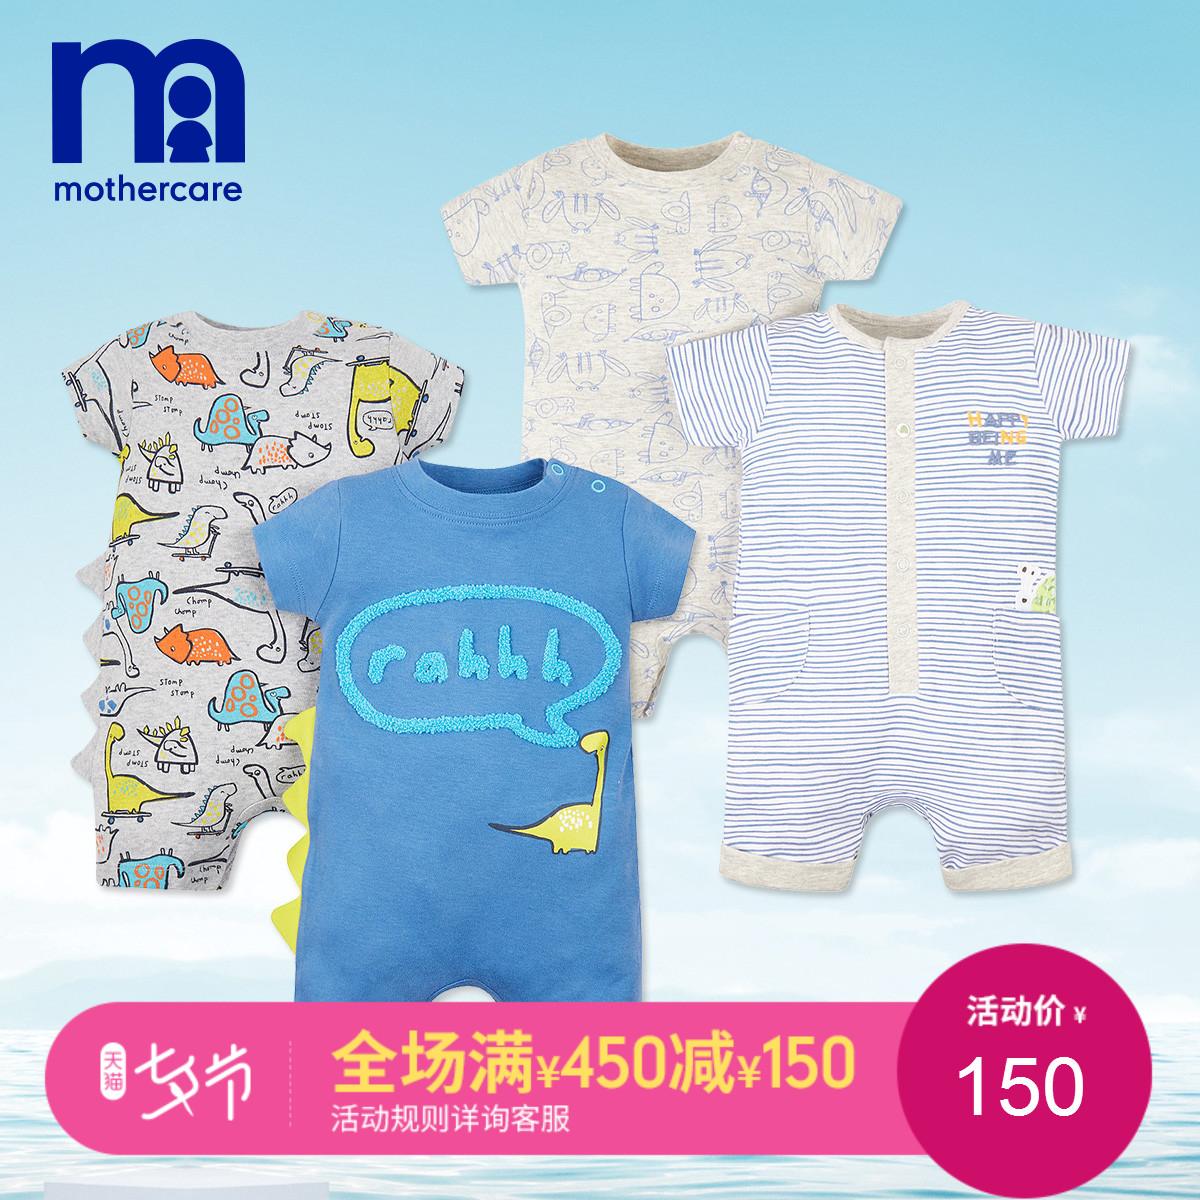 mothercare英国男婴针织连体衣2件装新生儿宝宝棉质短袖哈衣